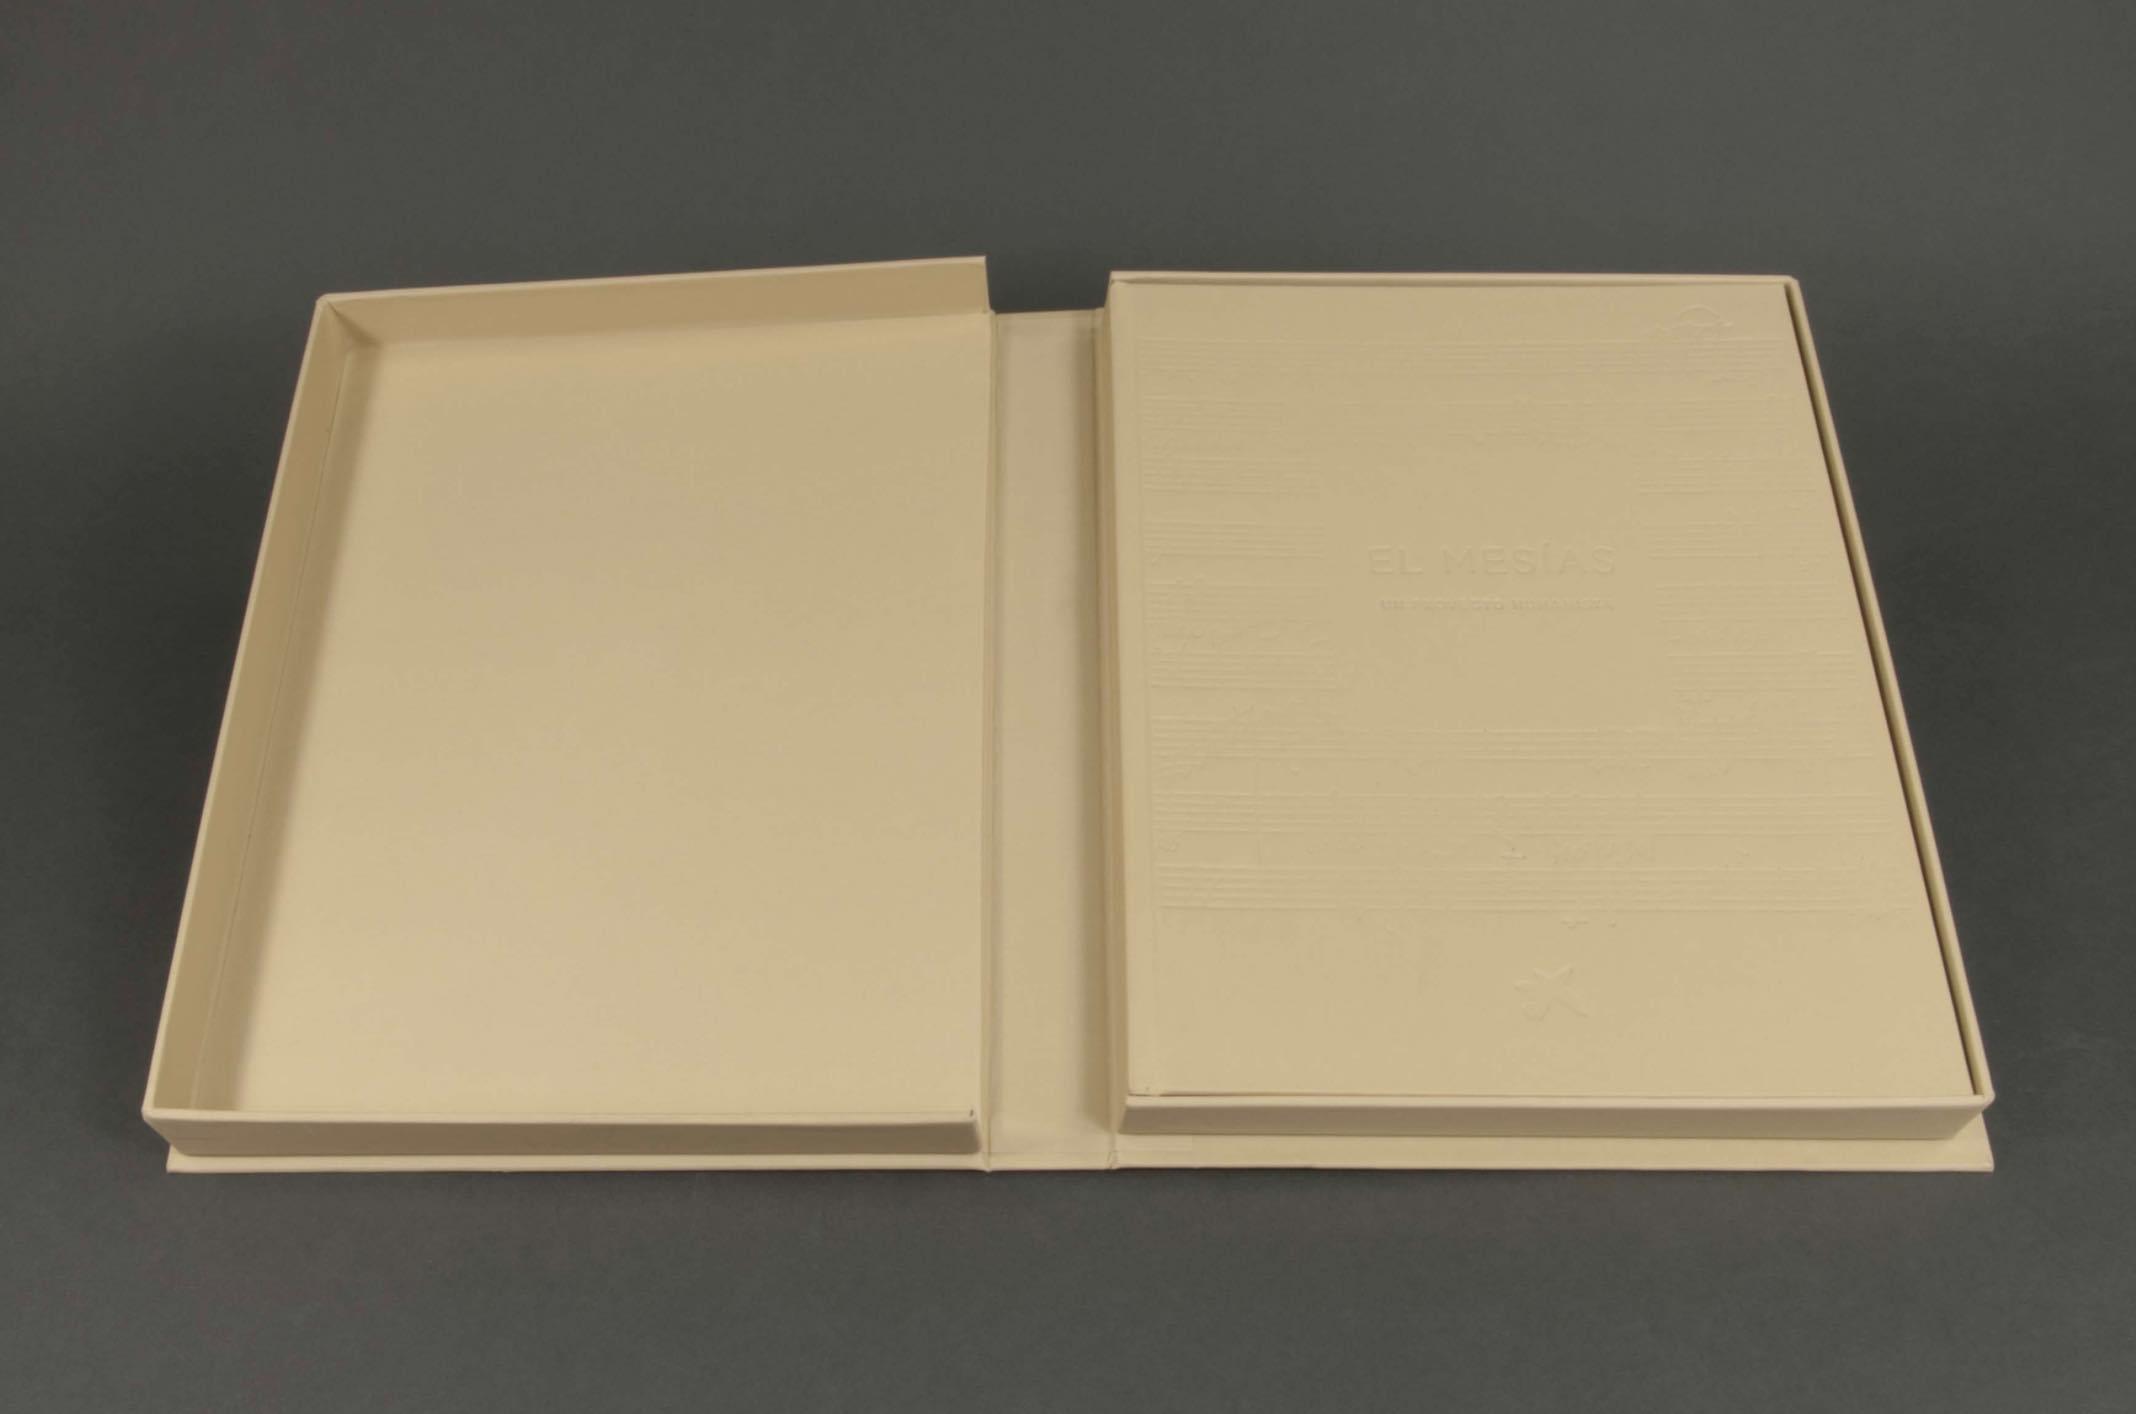 encuadernacion llibre d'art